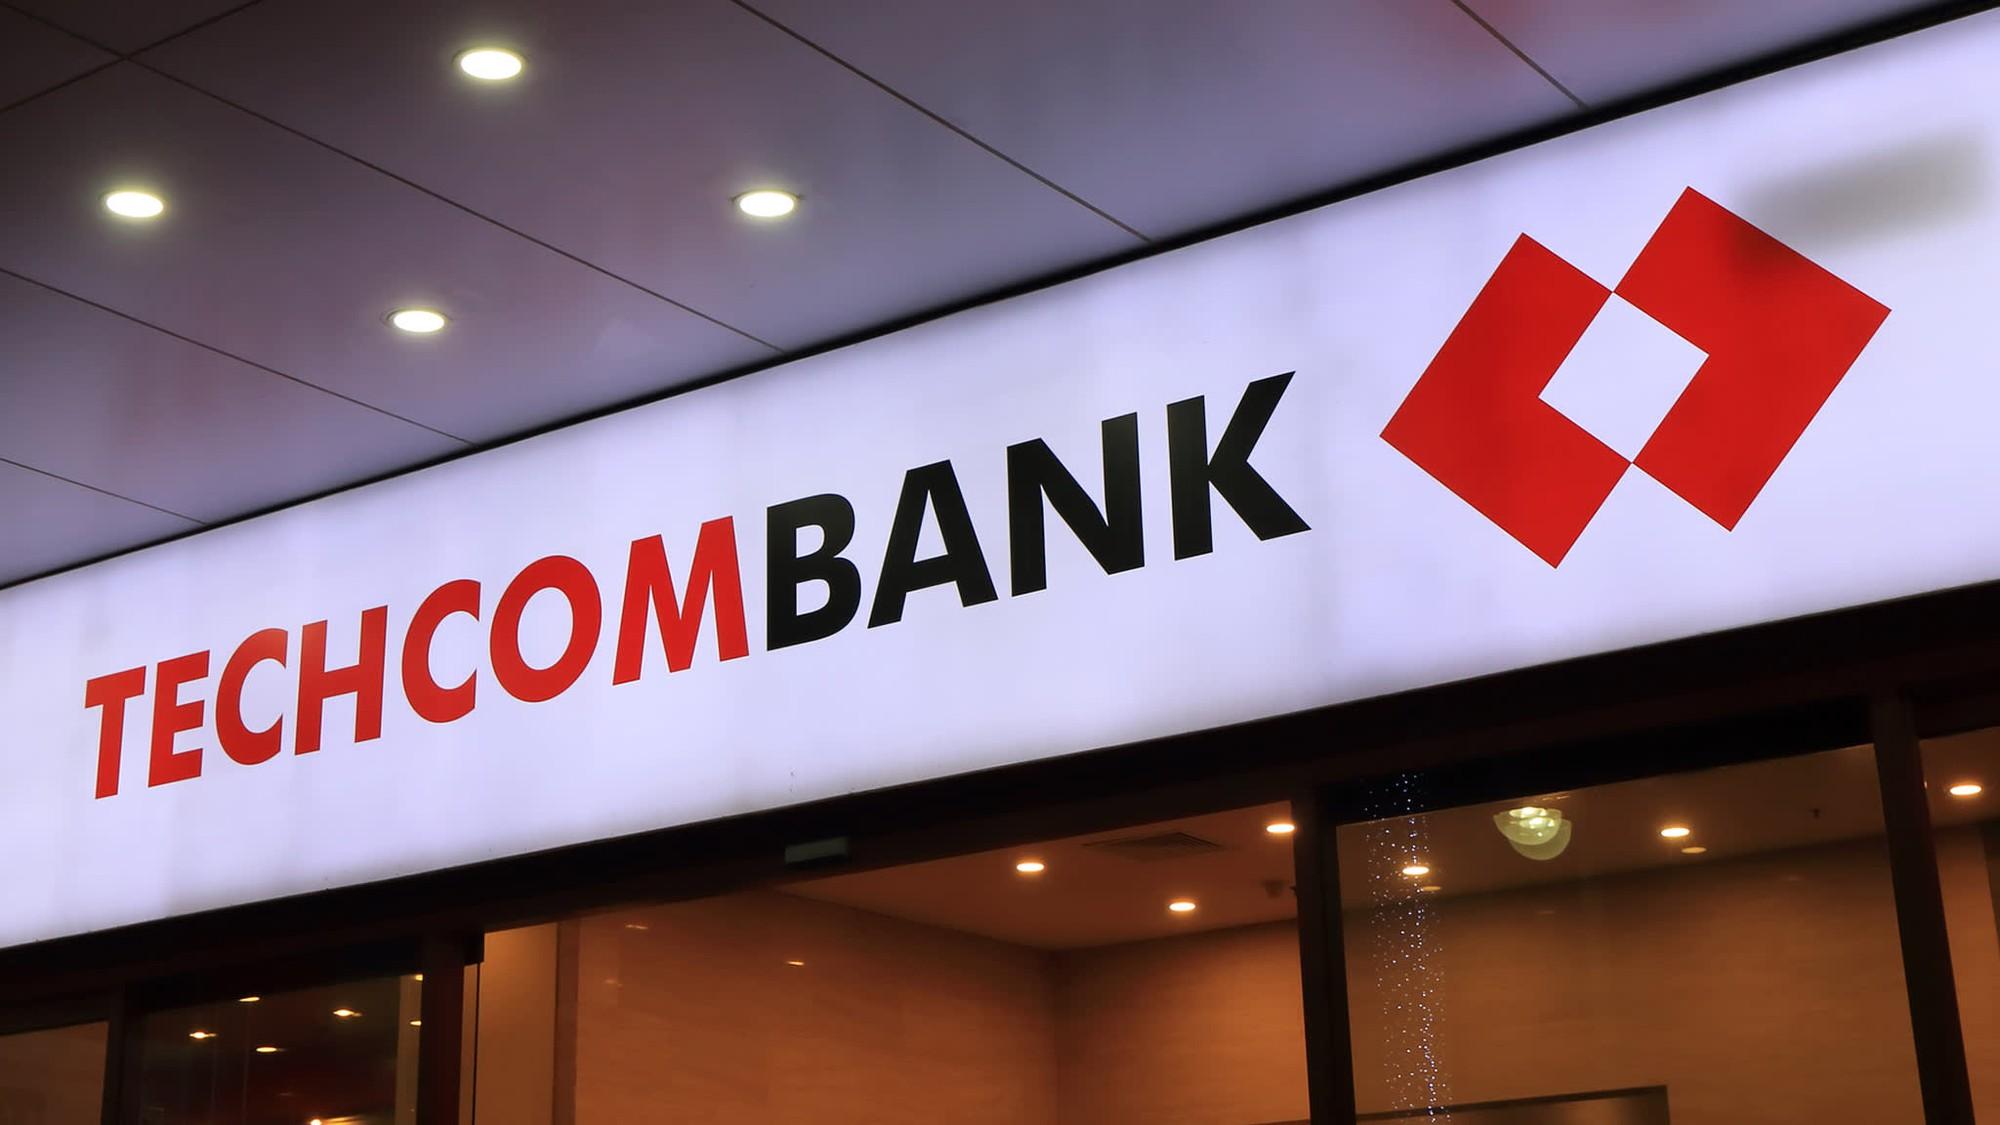 techcombank - ngân hàng lớn nhất Việt Nam